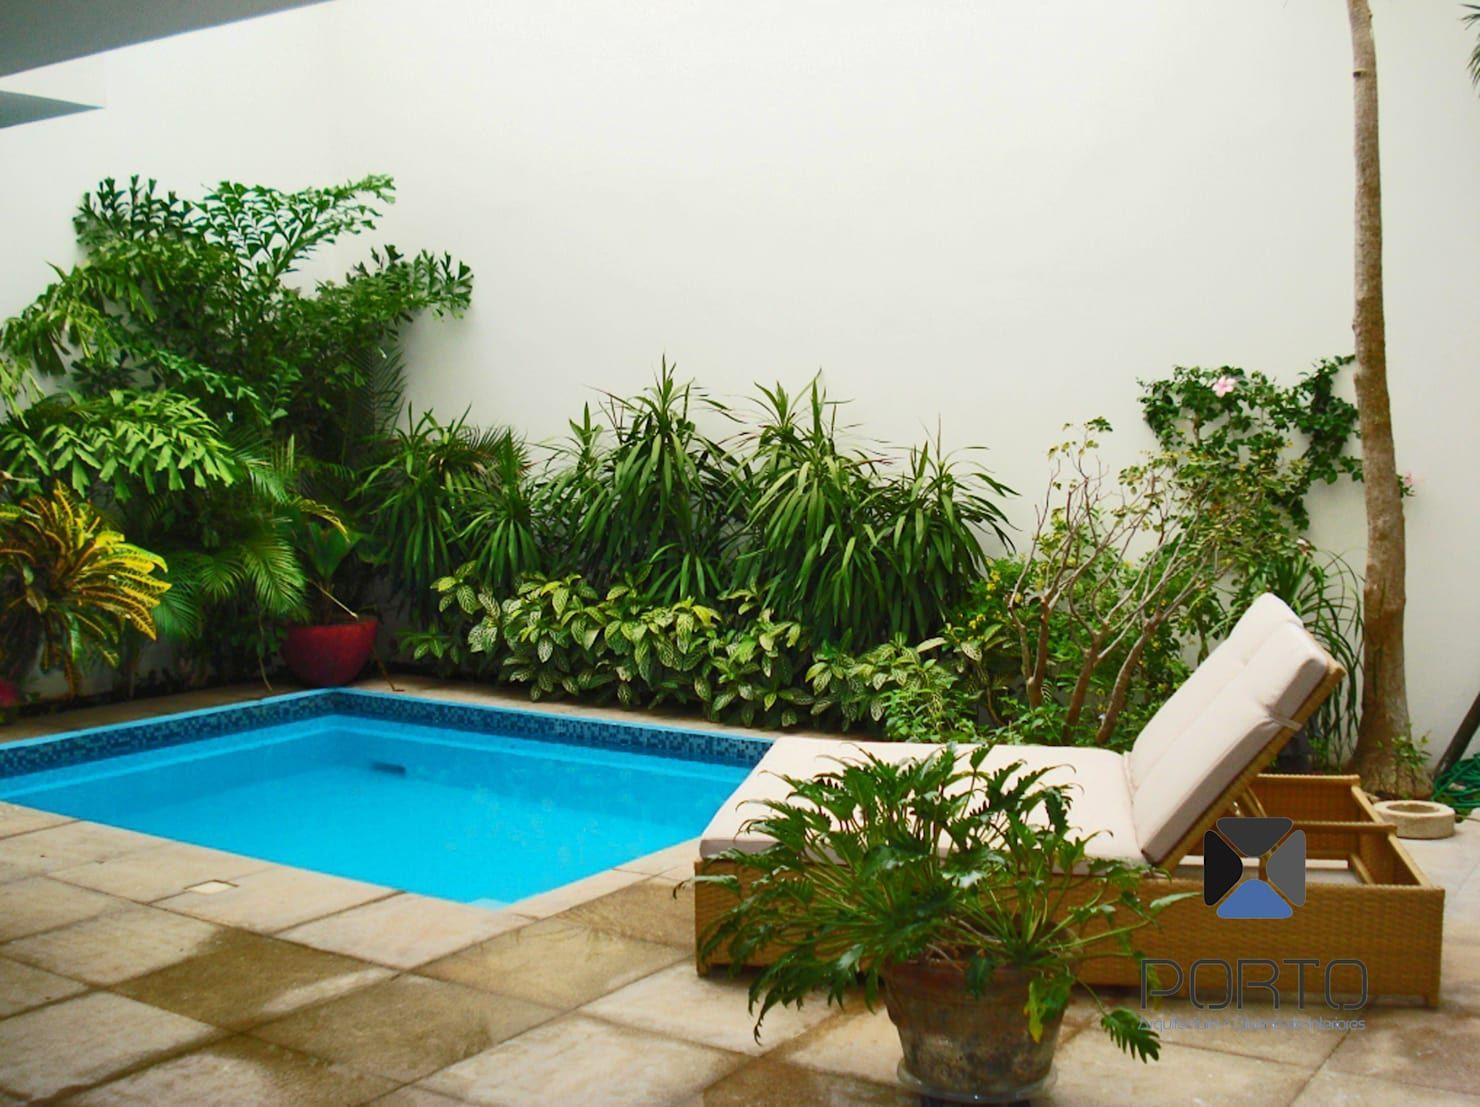 11 Unglaublich Kreative Ideen Fur Deinen Garten Kleine Hinterhof Pools Kleinen Hinterhofen Pool Im Garten